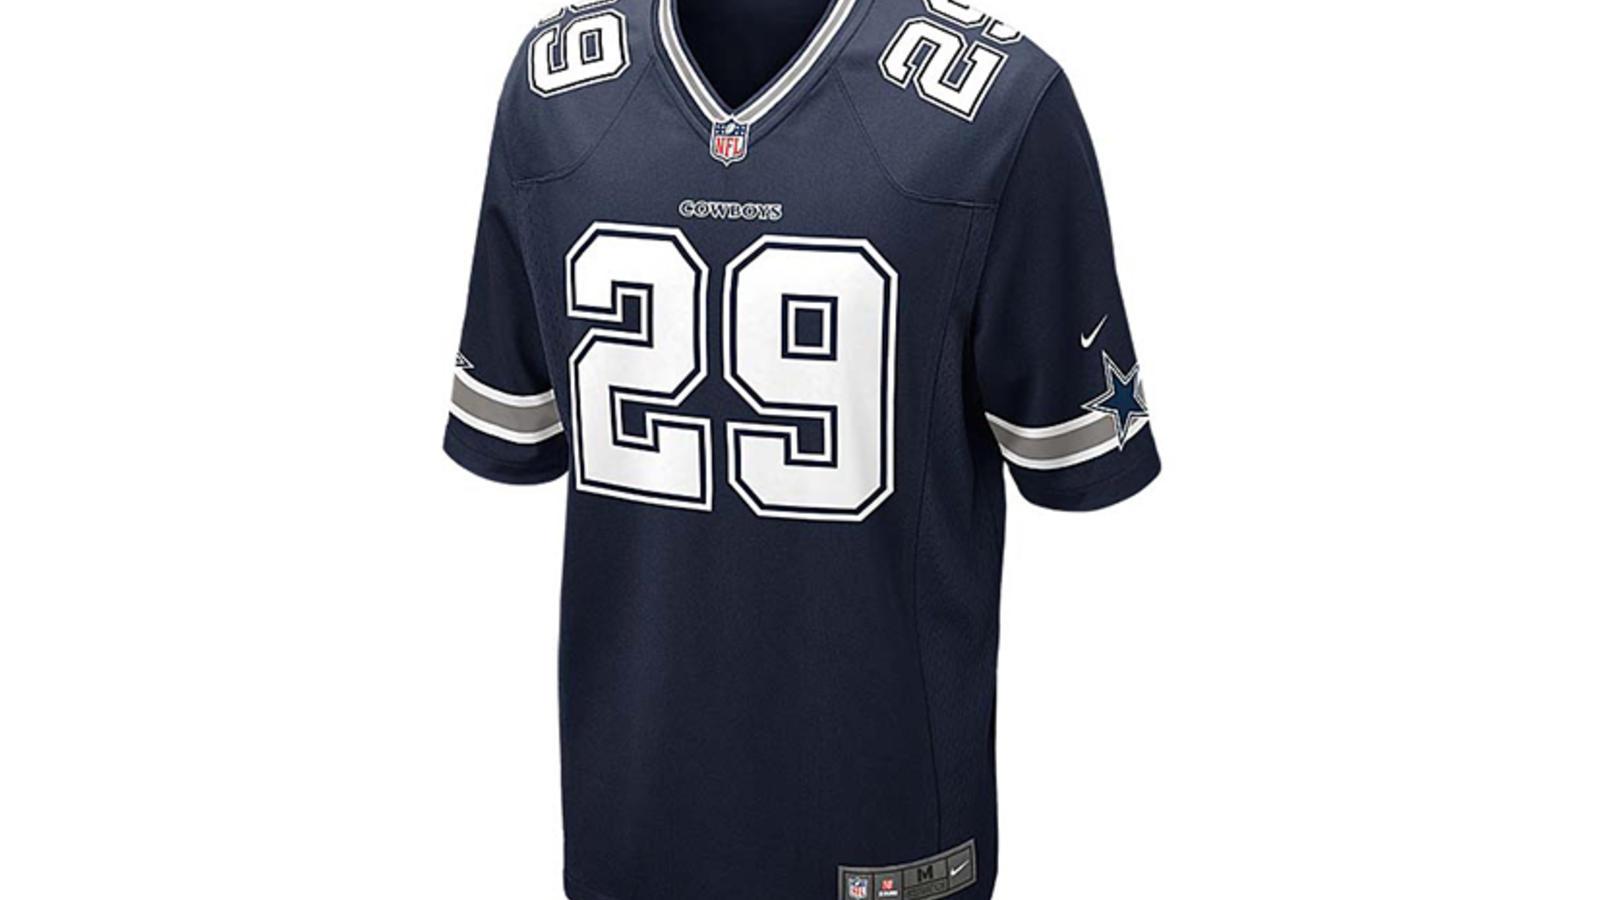 a09ee0c67 Nike Traz Camisas Oficiais da NFL para o Brasil - Nike News